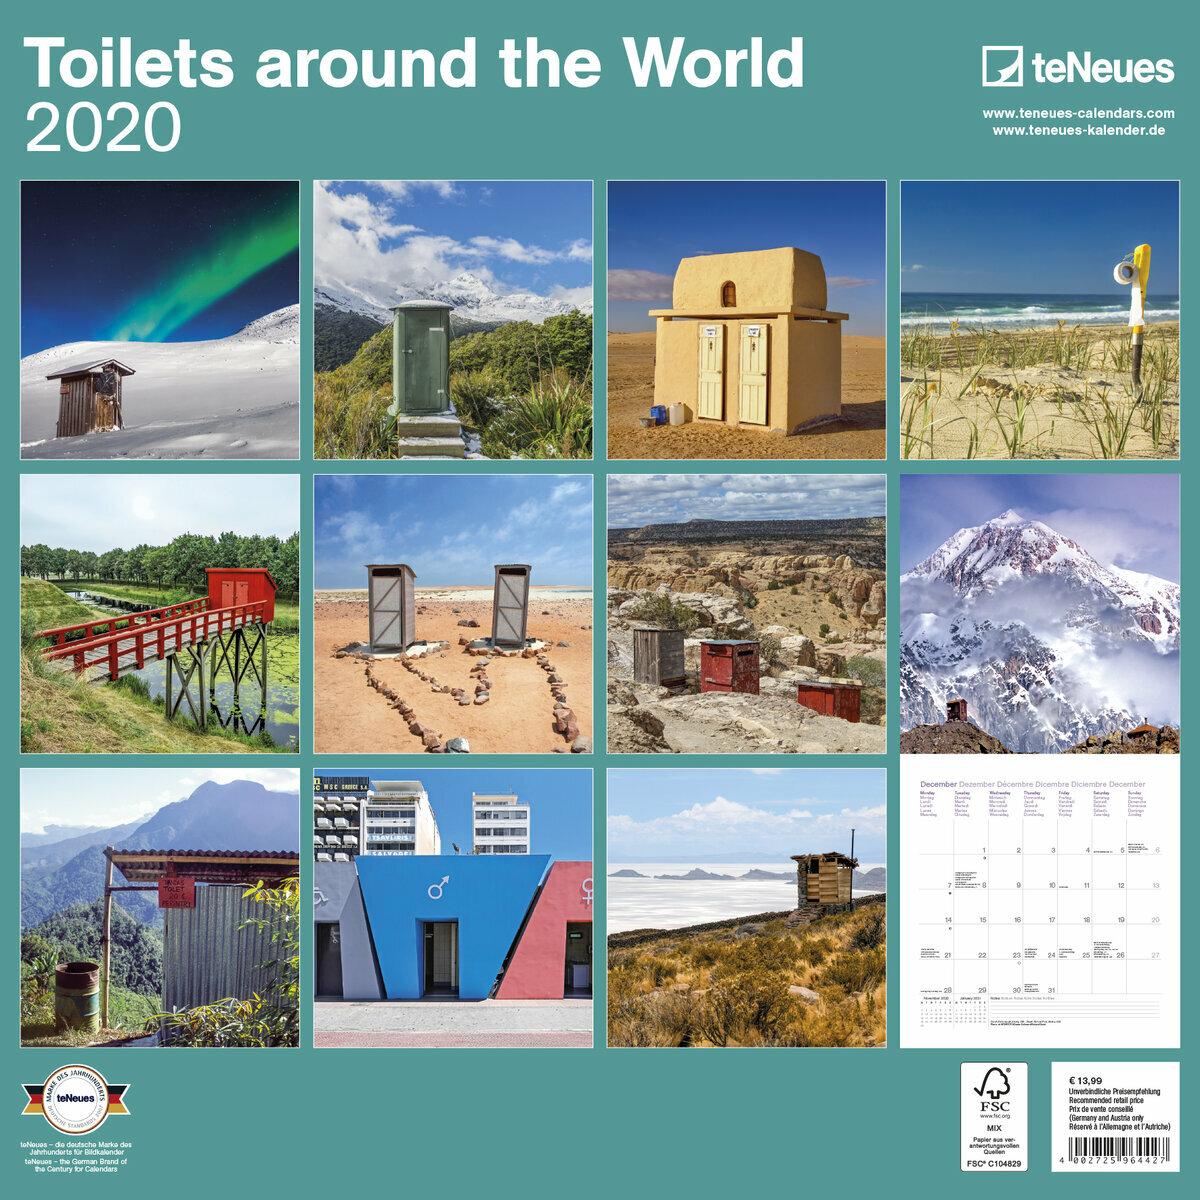 Calendrier World Tour 2020.Calendrier 2020 Tour Du Monde Des Toilettes